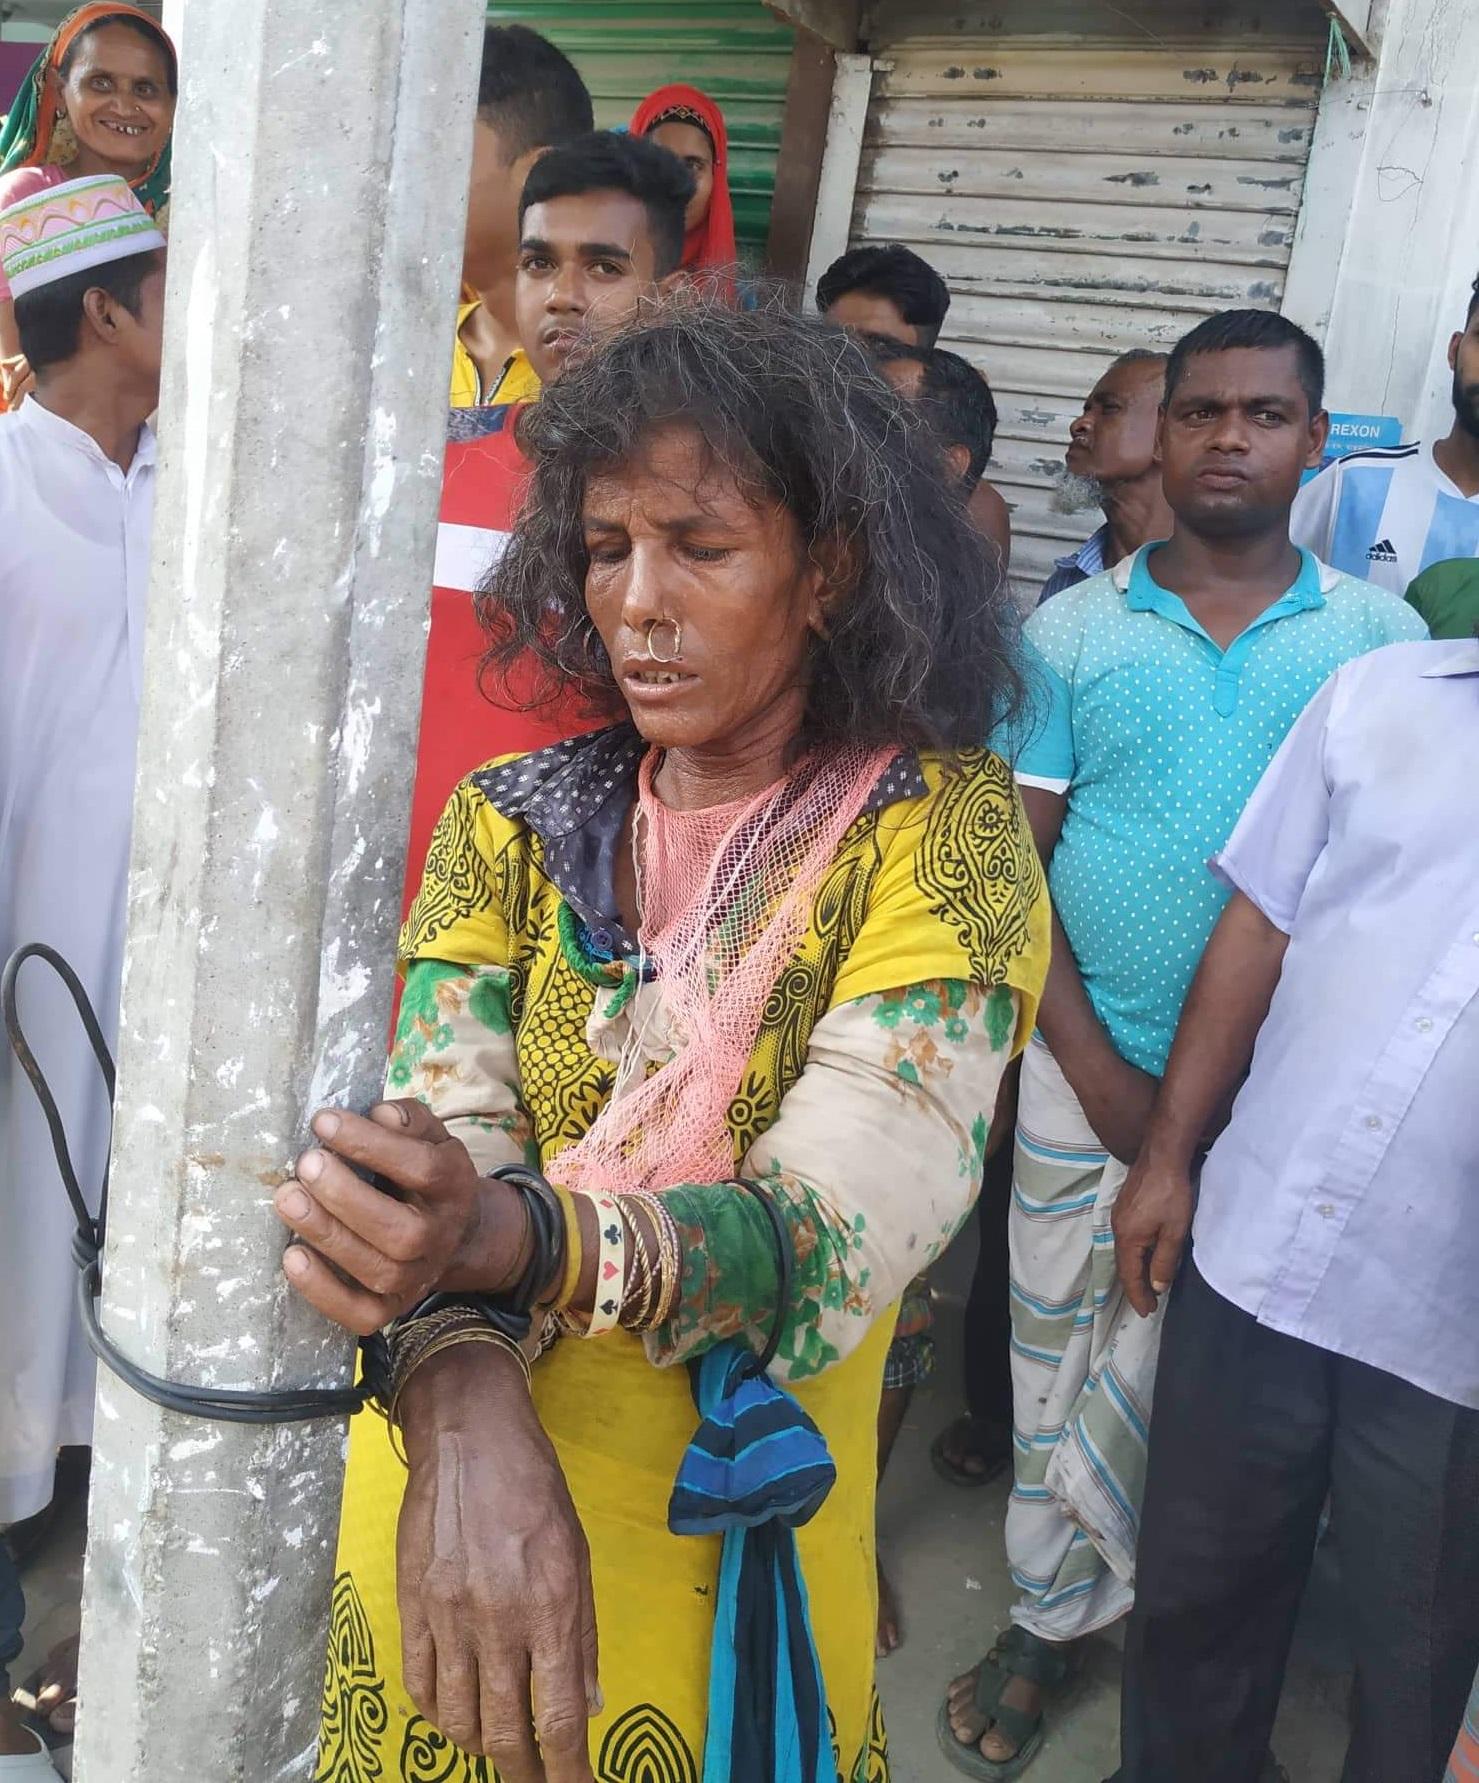 ছেলেধরা সন্দেহে মানসিক ভারসাম্যহীন নারীকে বেঁধে পিটুনি